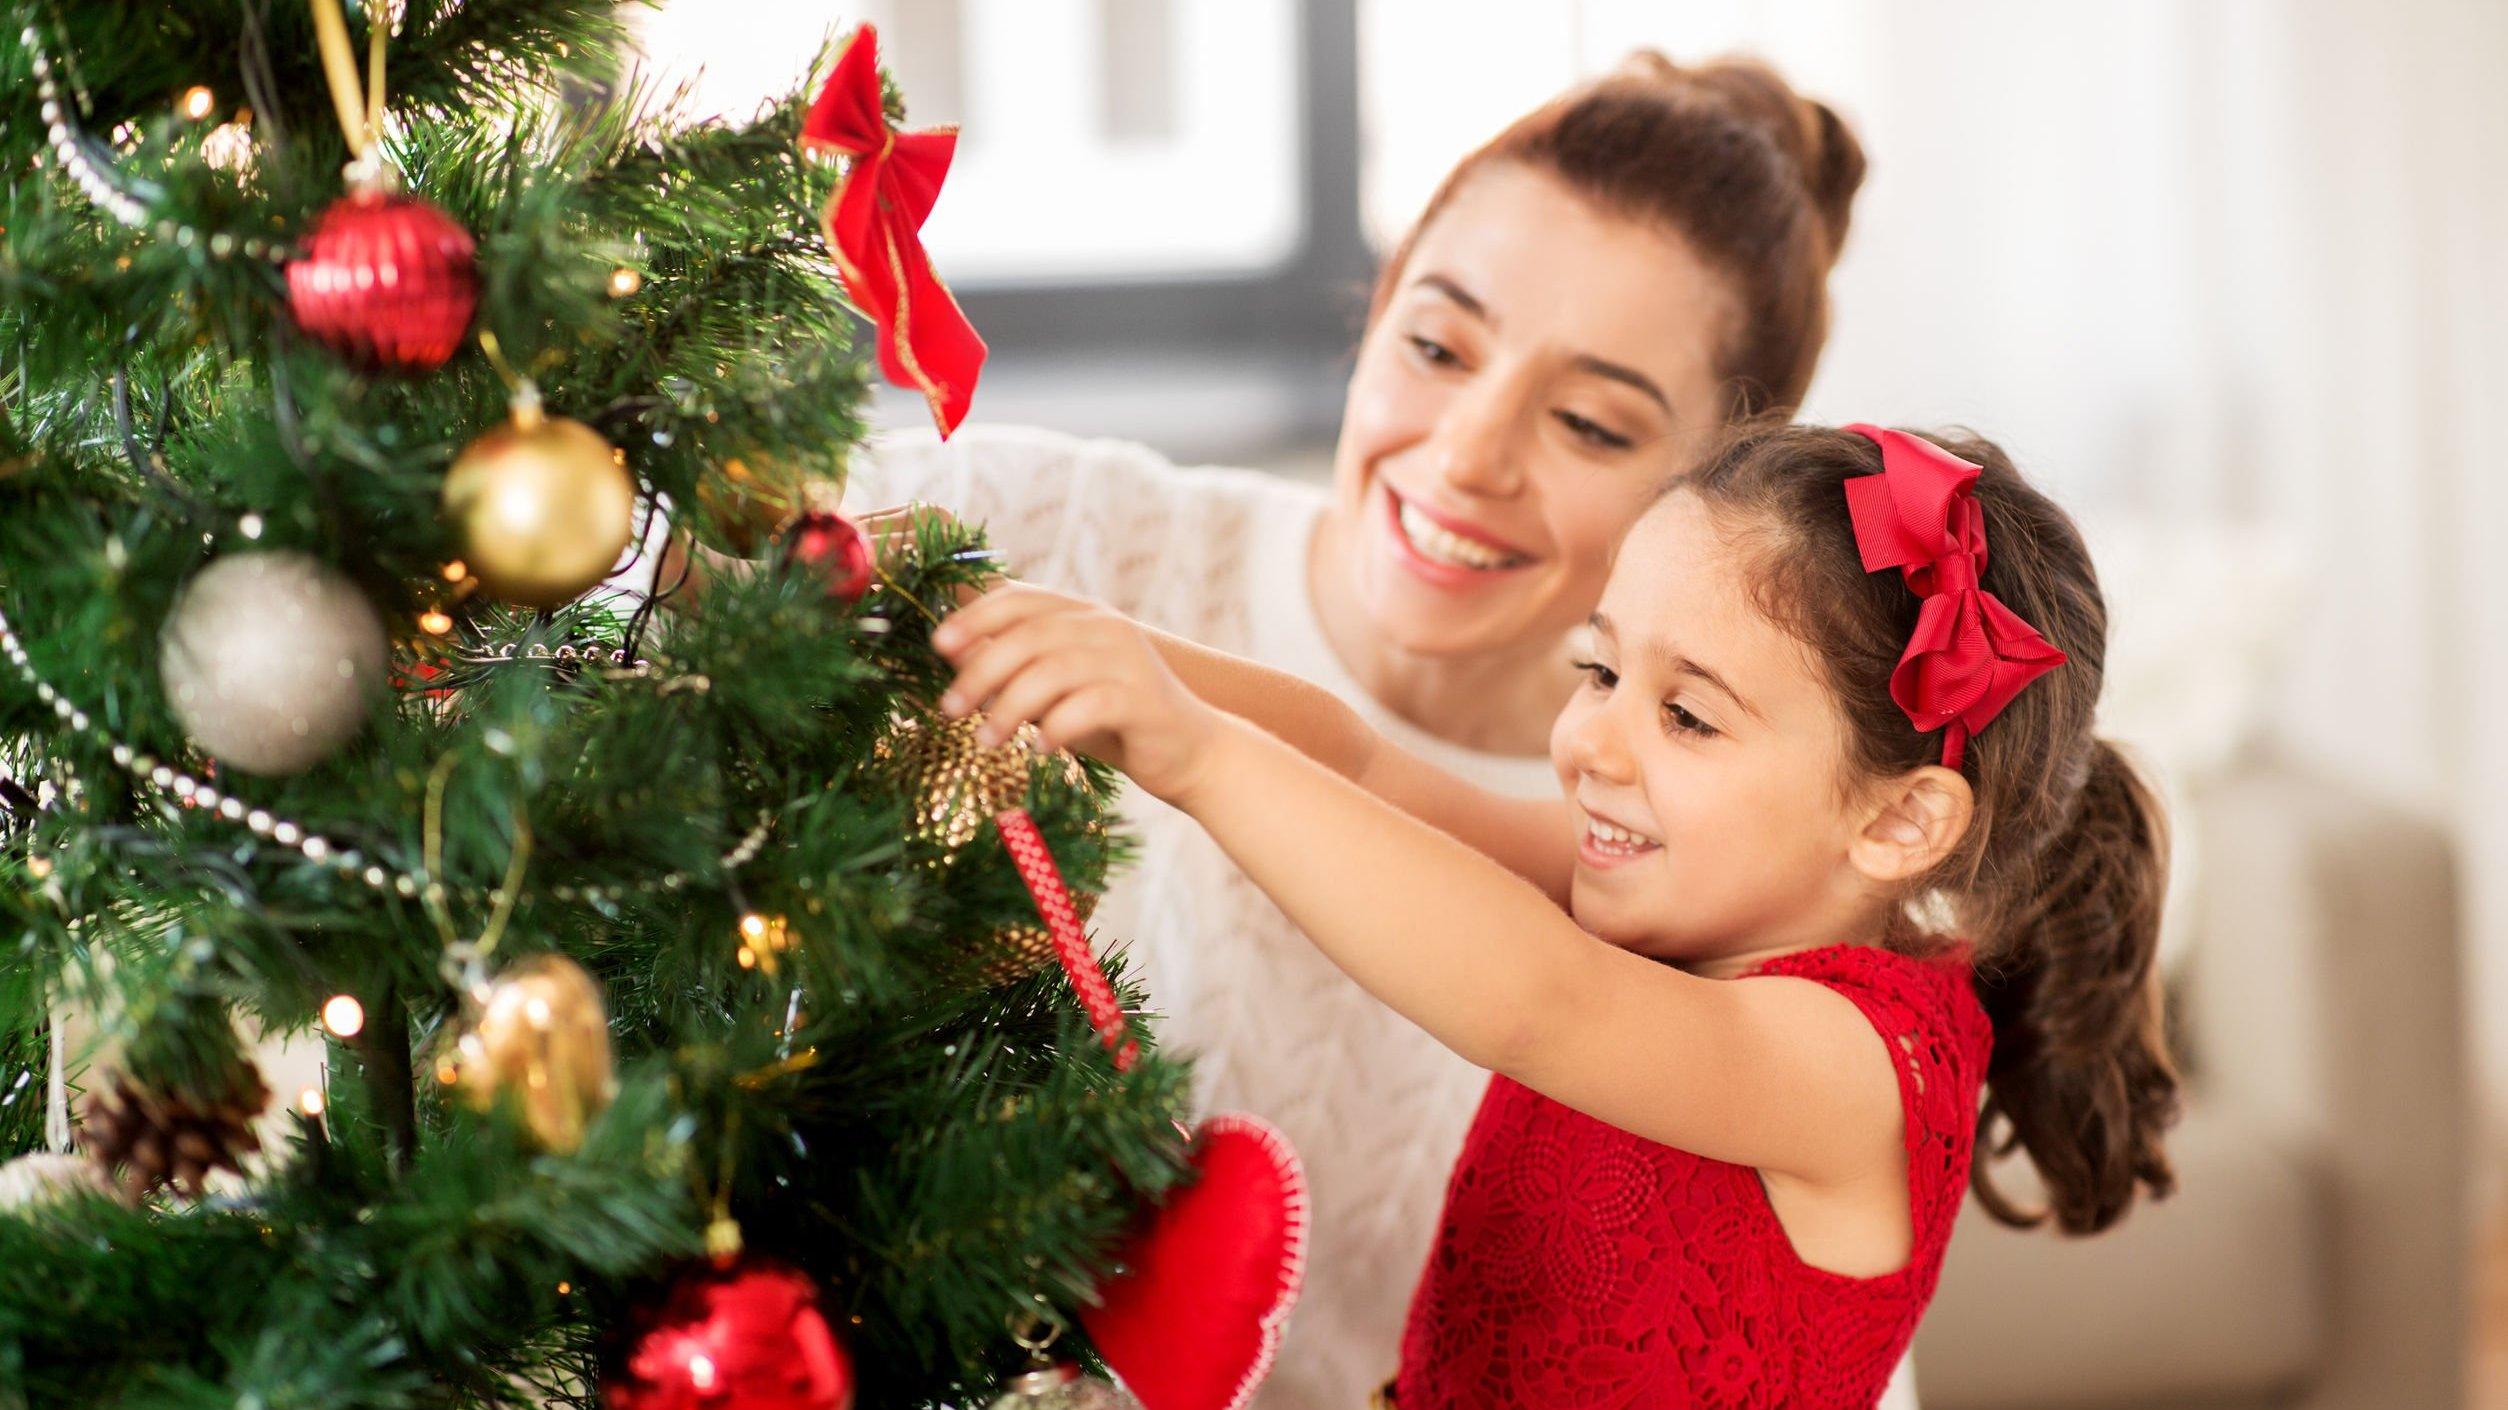 Mãe e filha felizes decorando arvore de natal